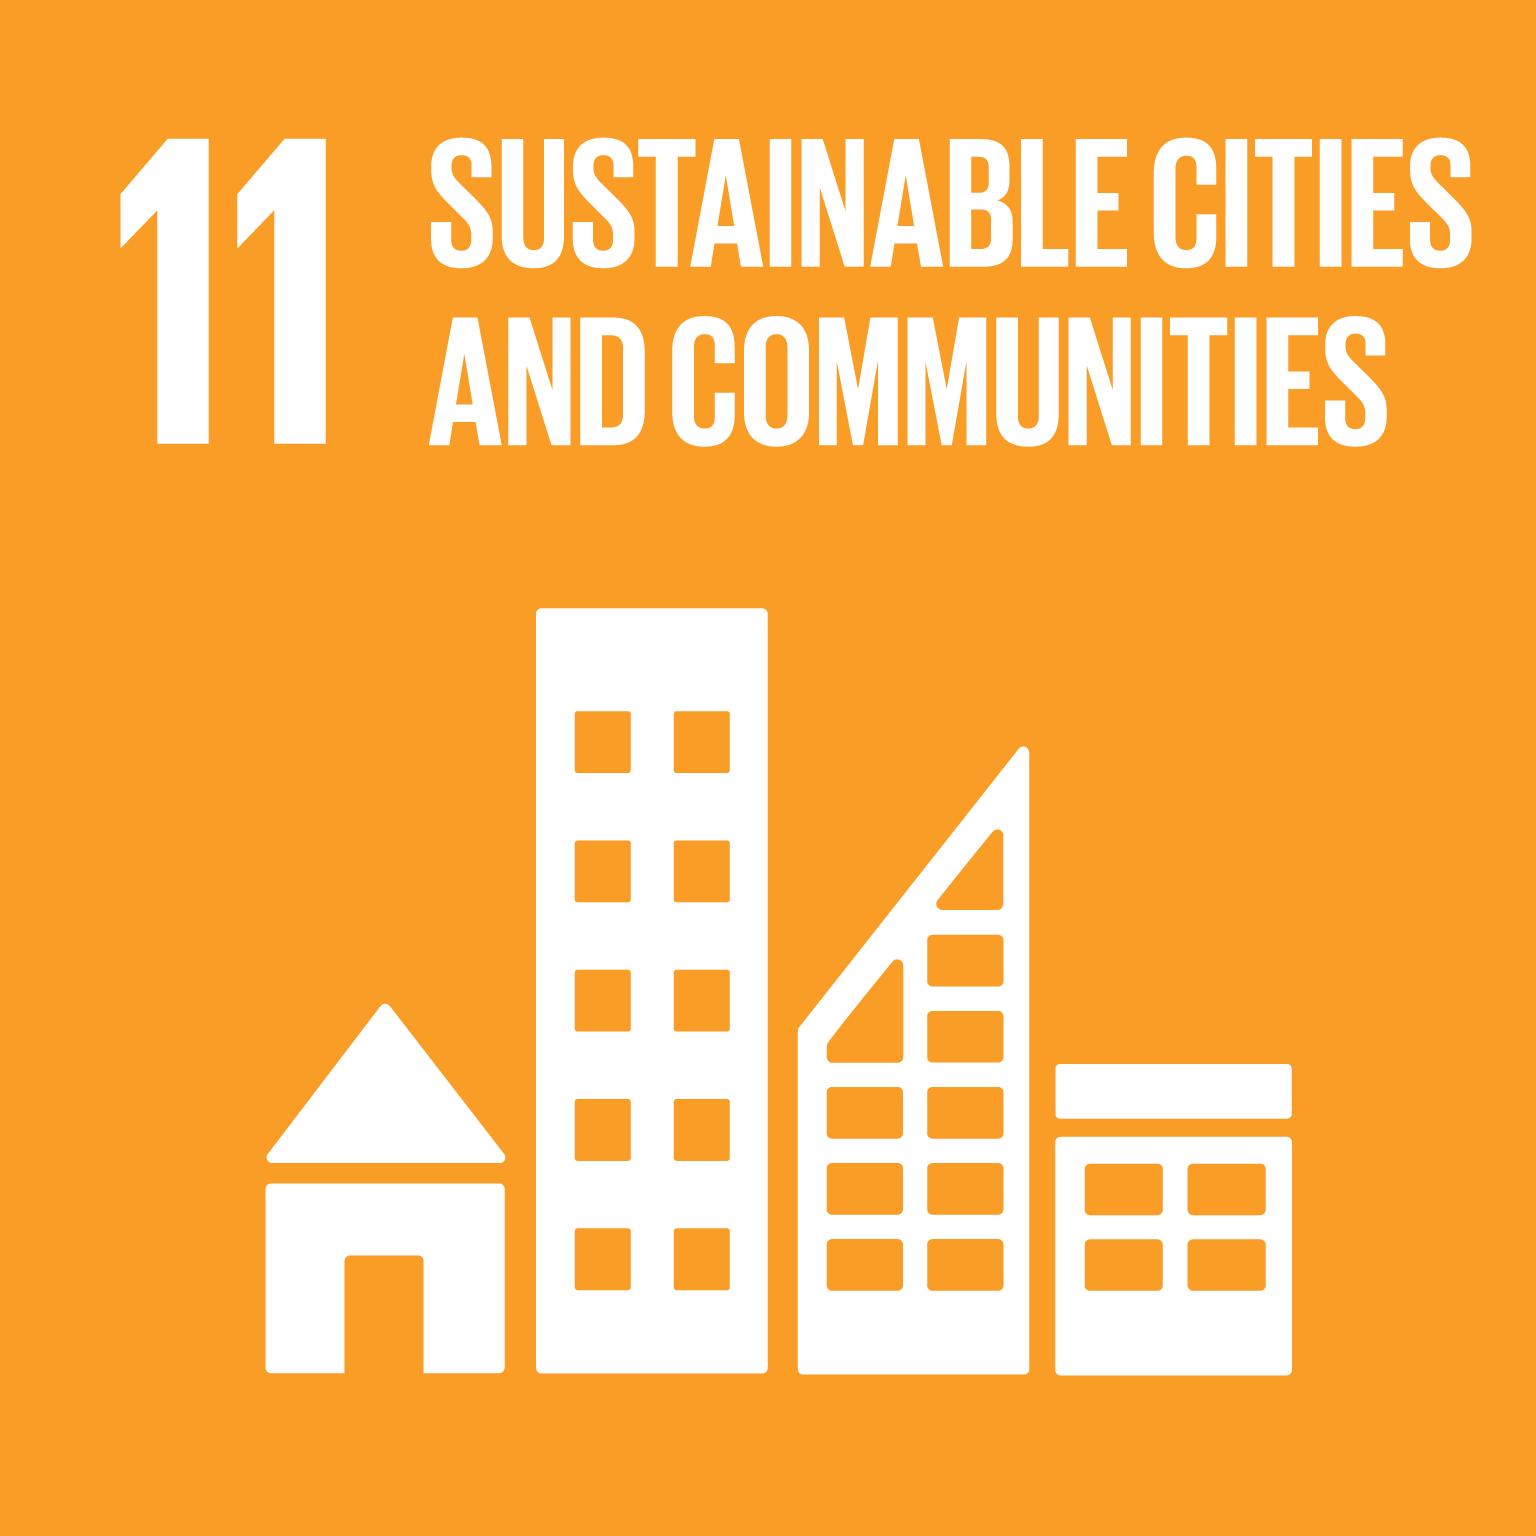 Objectiu 11: Ciutats i comunitats sostenibles